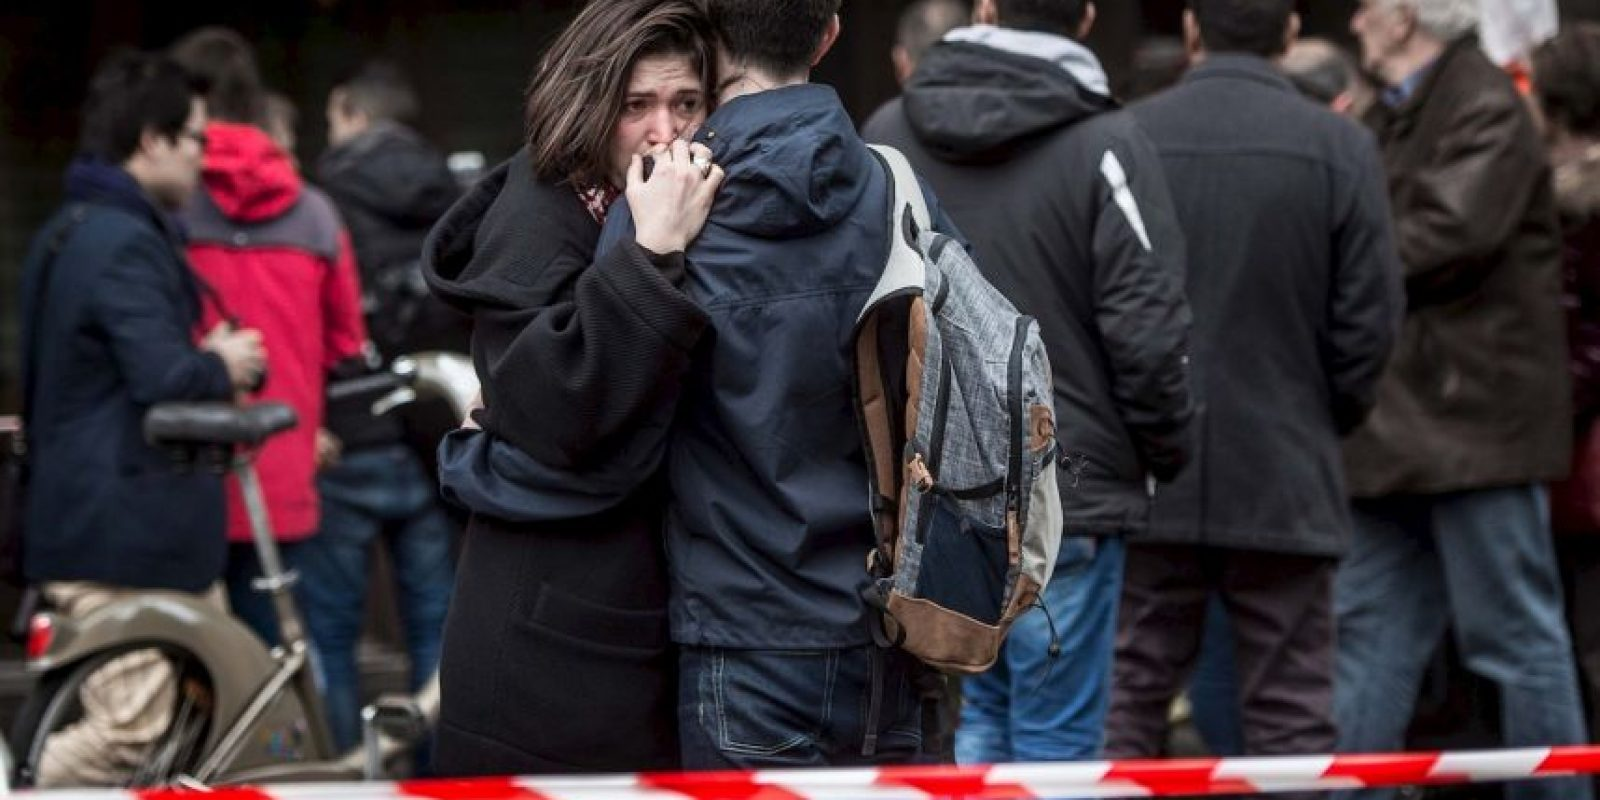 El EI ha amenazado a muchos países tras los atentados. Foto:Getty Images